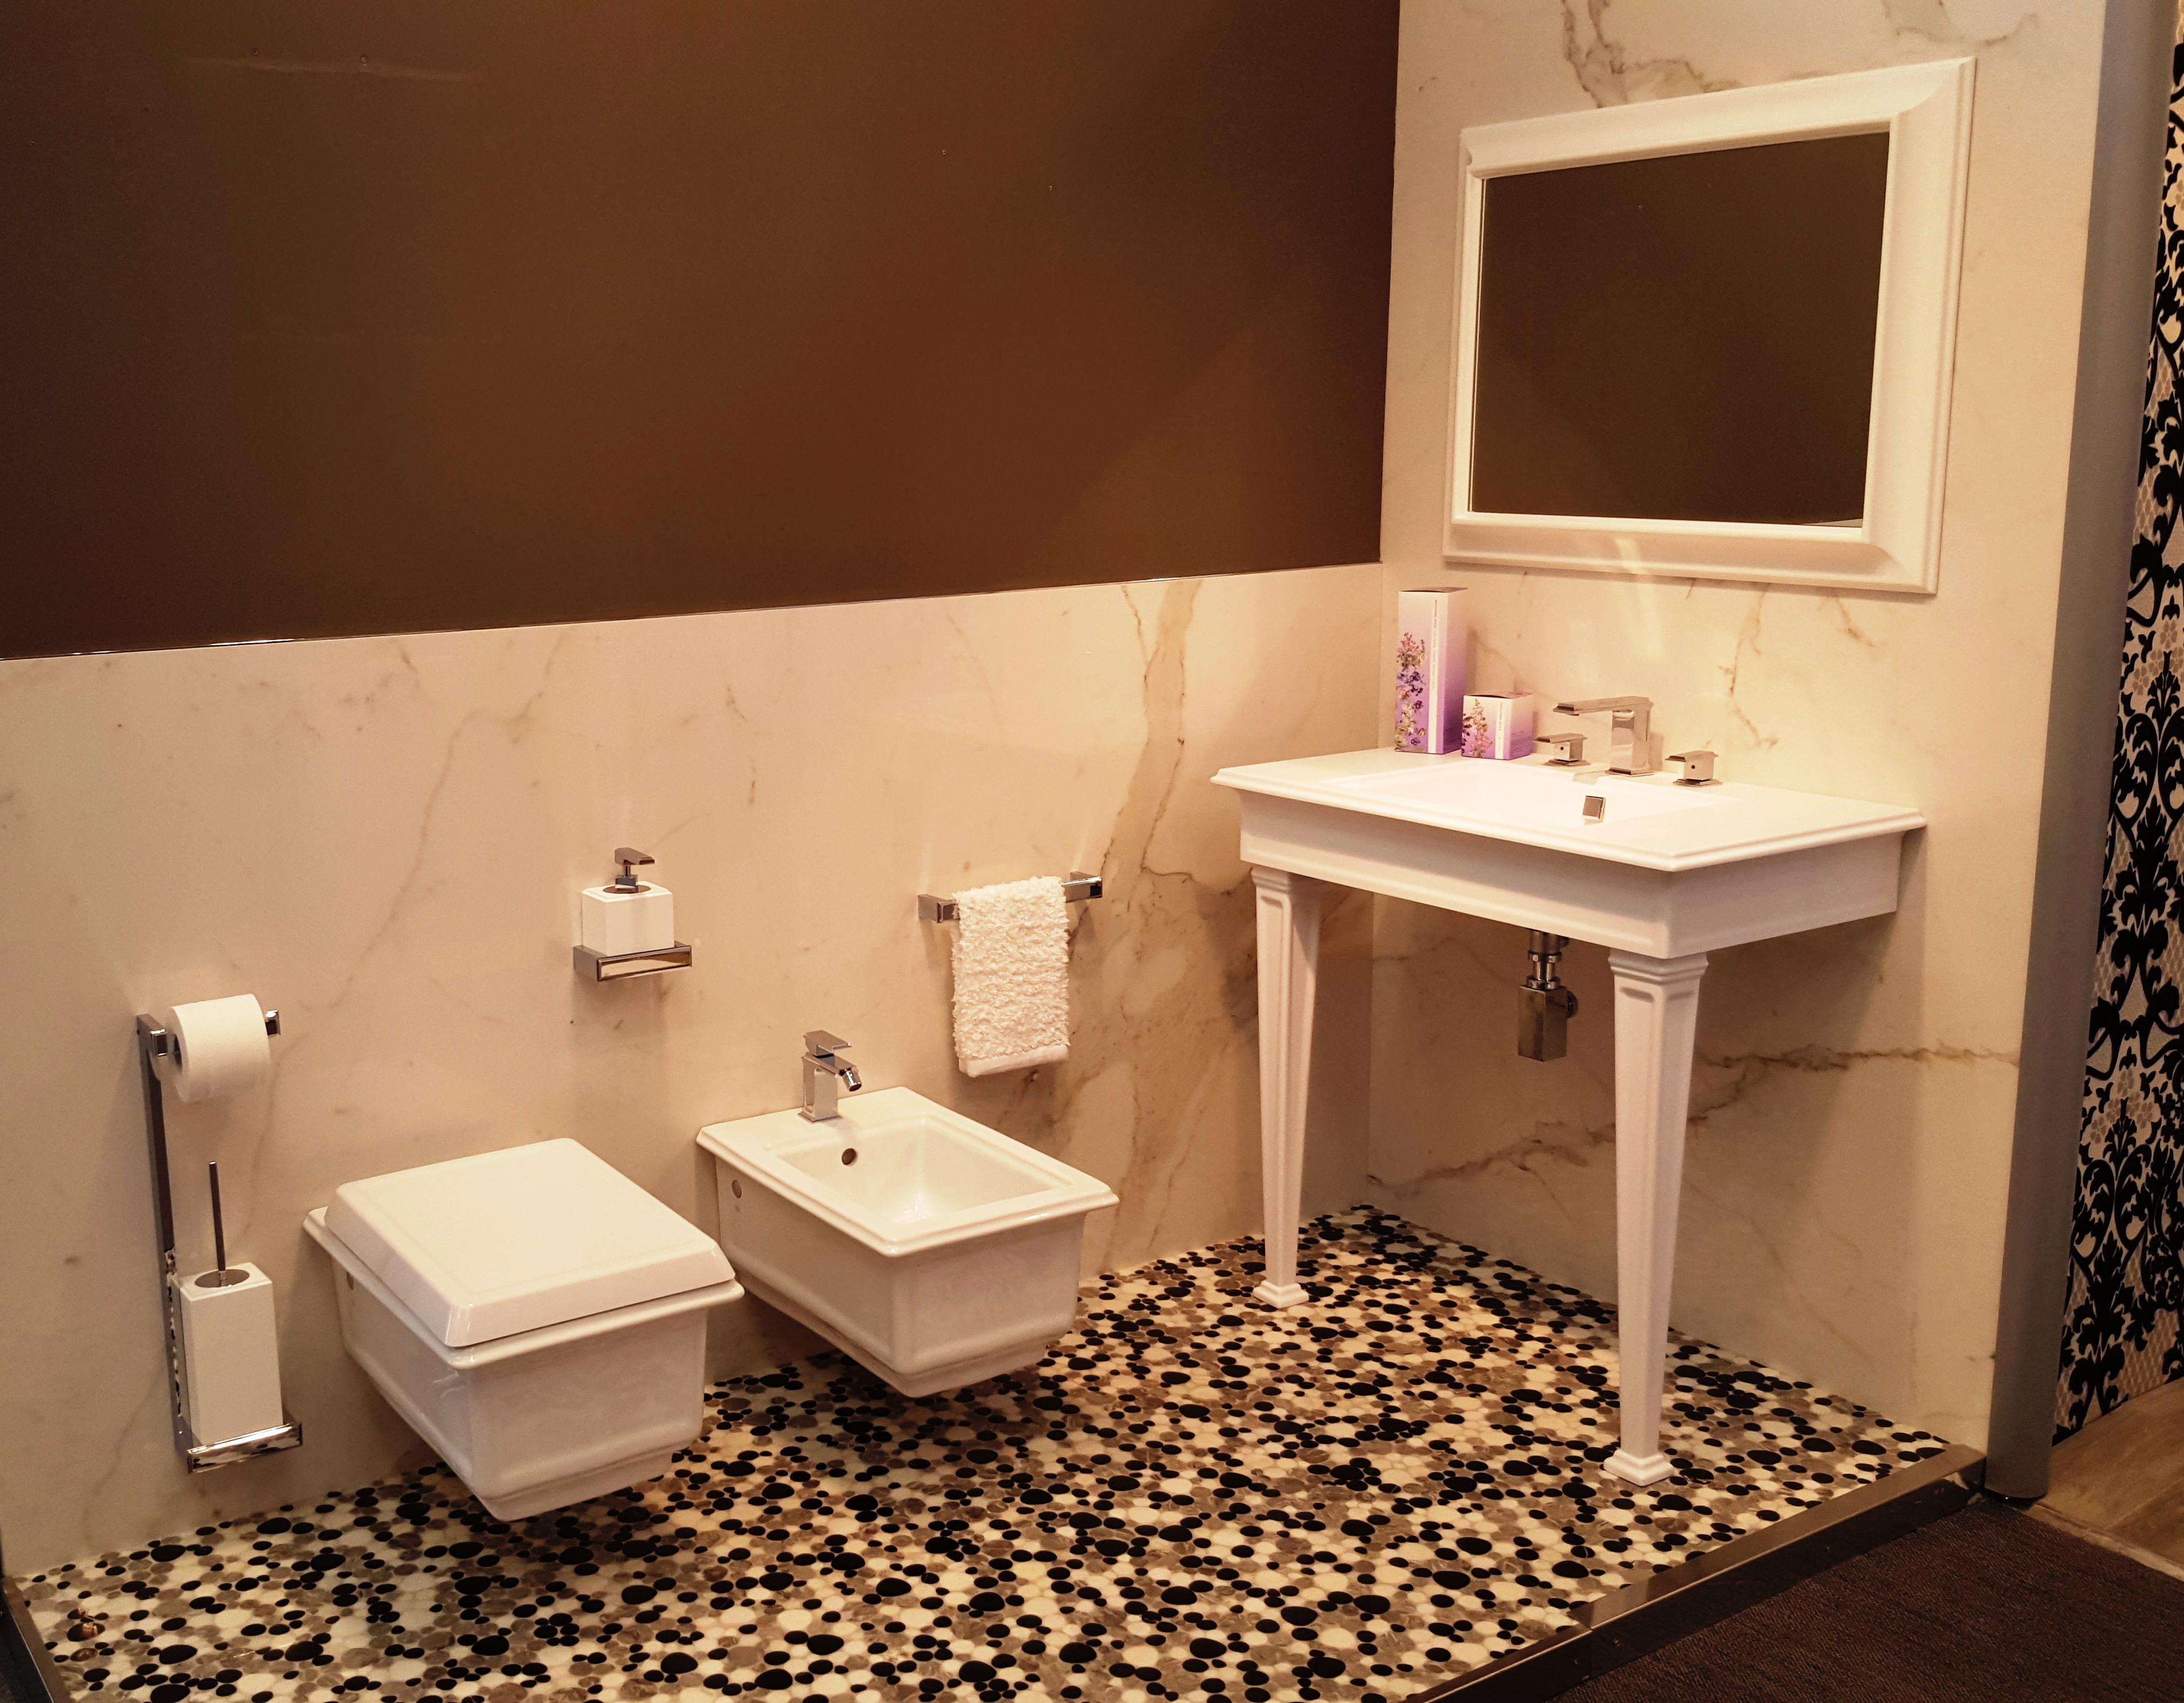 fiera del bagno bologna #3104 | msyte.com idee e foto di ... - Arredo Bagno Savigliano